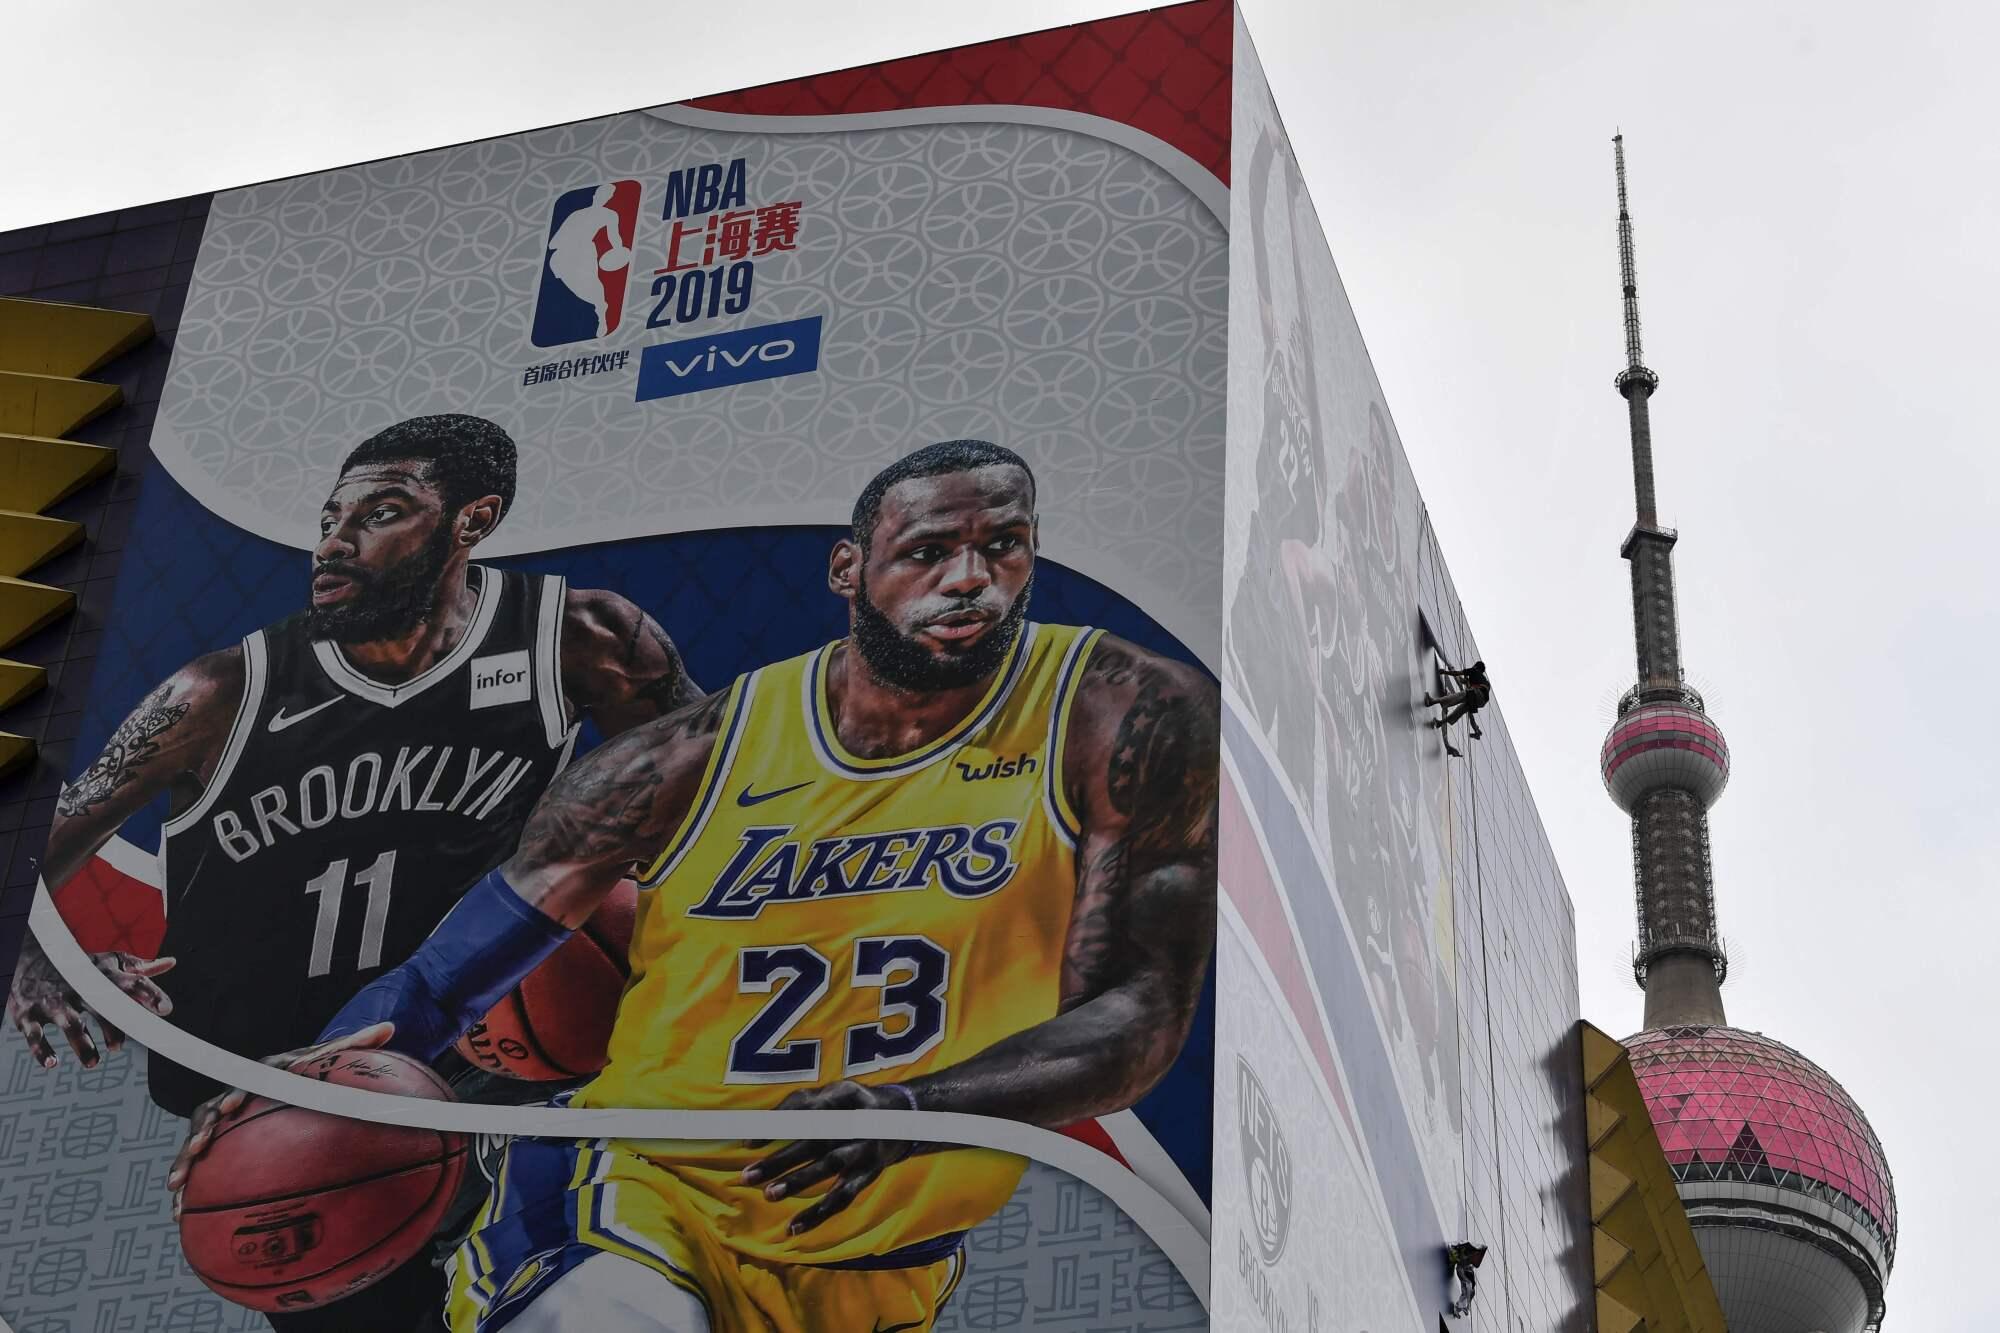 Lakers in Shanghai